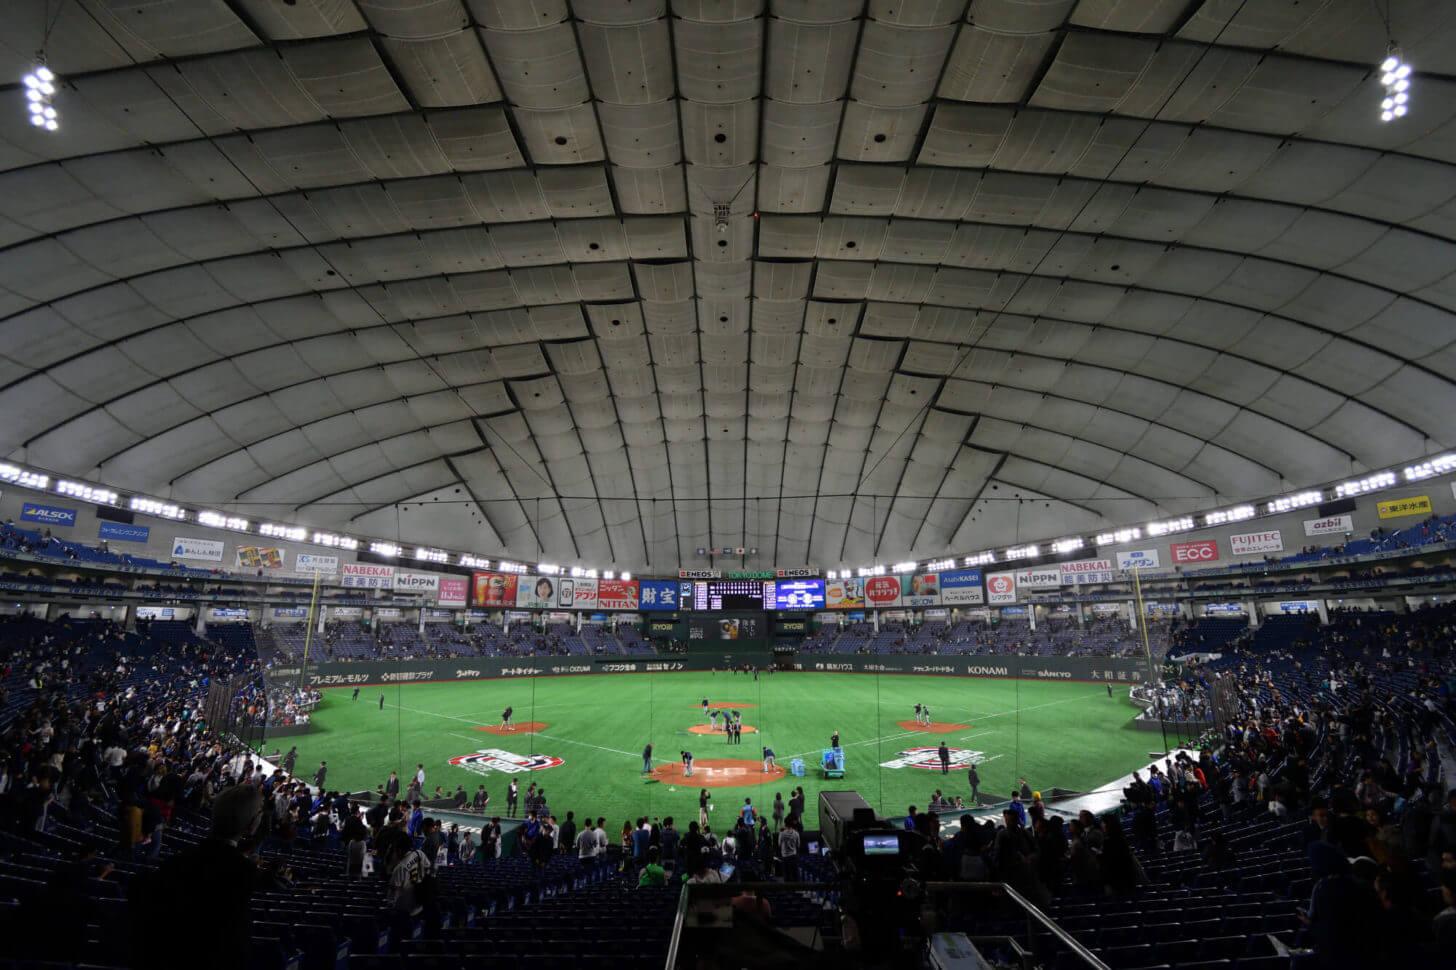 2019MLB開幕戦終了後の東京ドーム